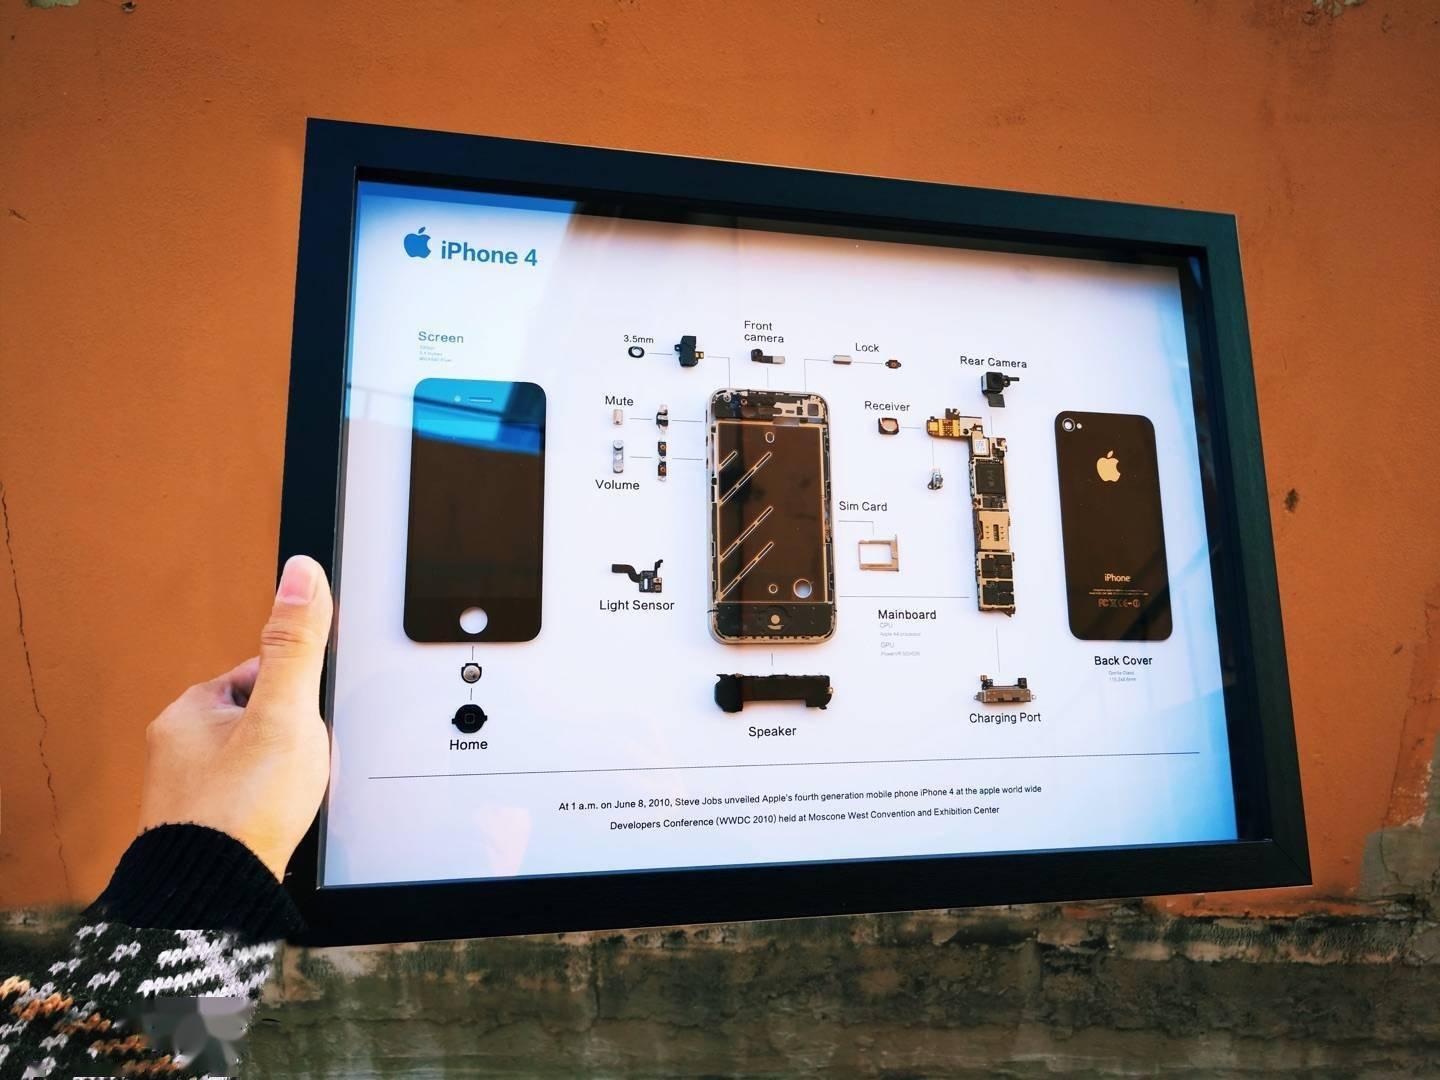 在这里,11 年前发布的 iPhone 4 才是最「热门」产品